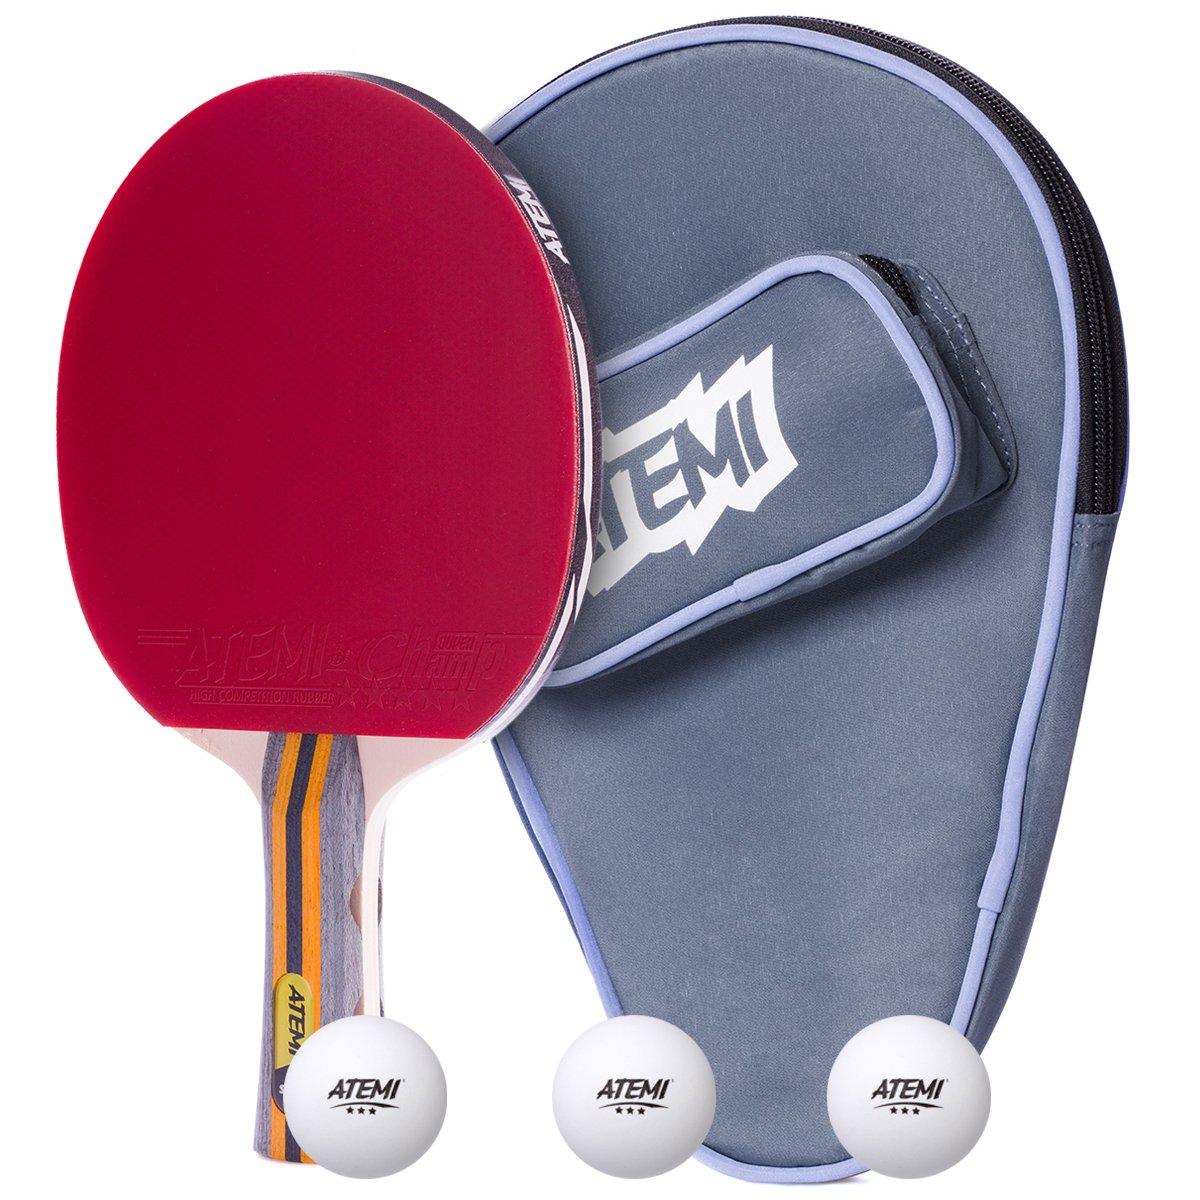 Velocidad Atemi 3 Pelotas y Raqueta de Tenis de Mesa Giro y Control Avanzados Set de 3 Piezas de Pala de Ping Pong de 5 Estrellas Sniper: Funda Juego Polivalente Profesional y Principiante